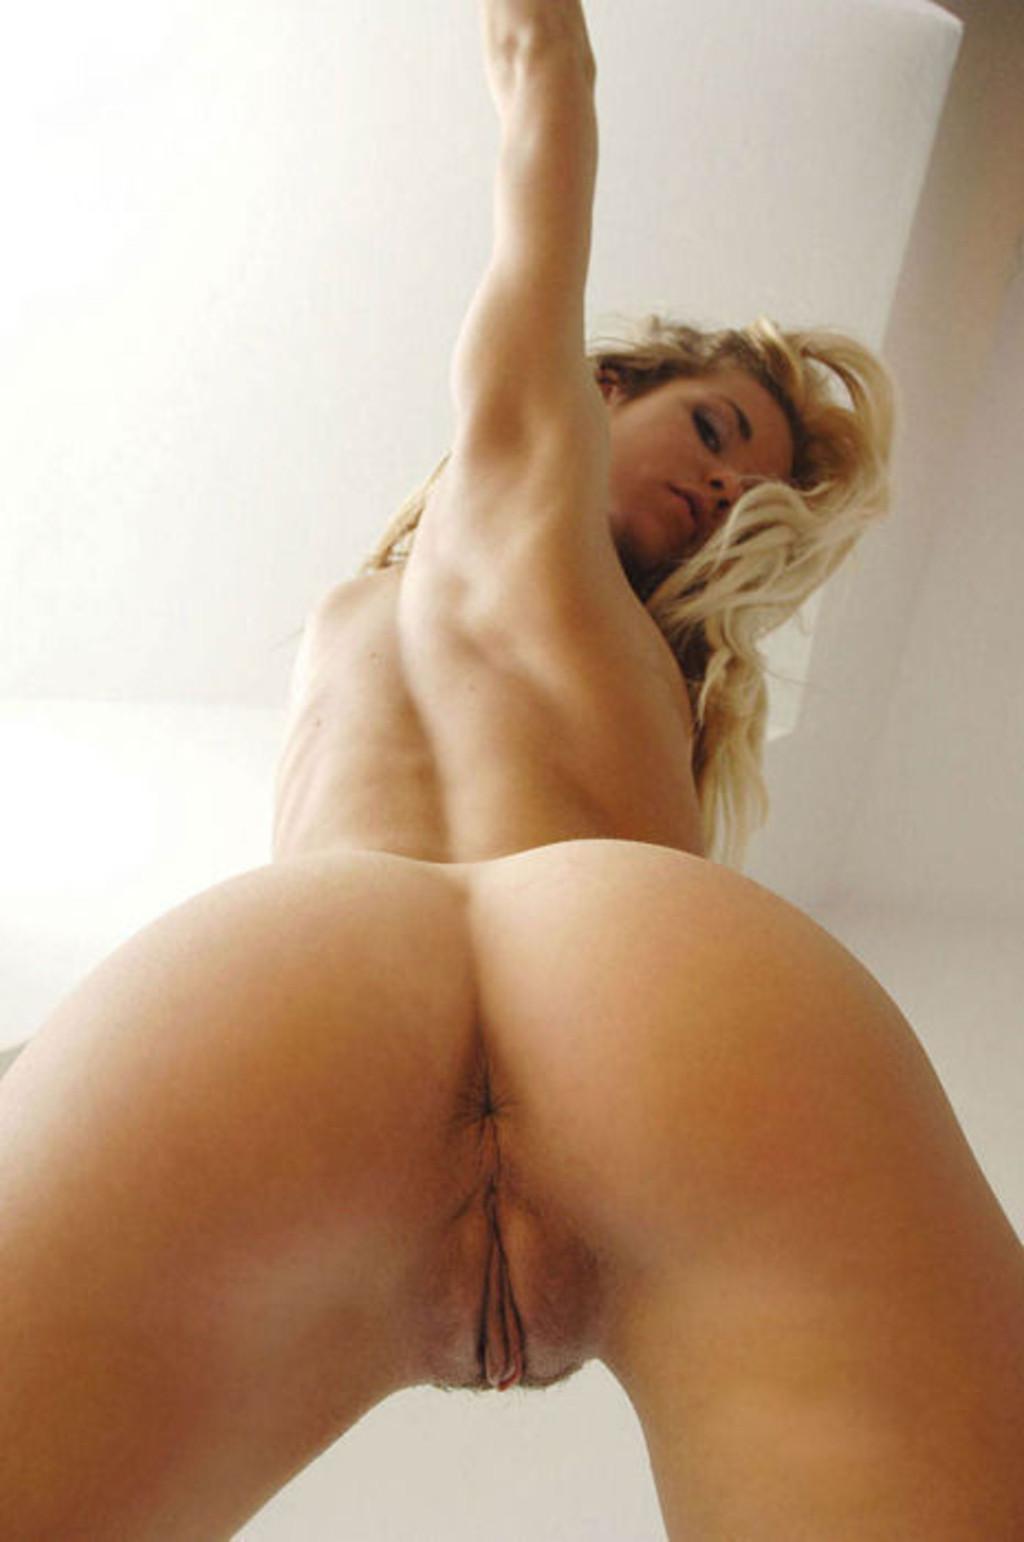 Milf ass view rear